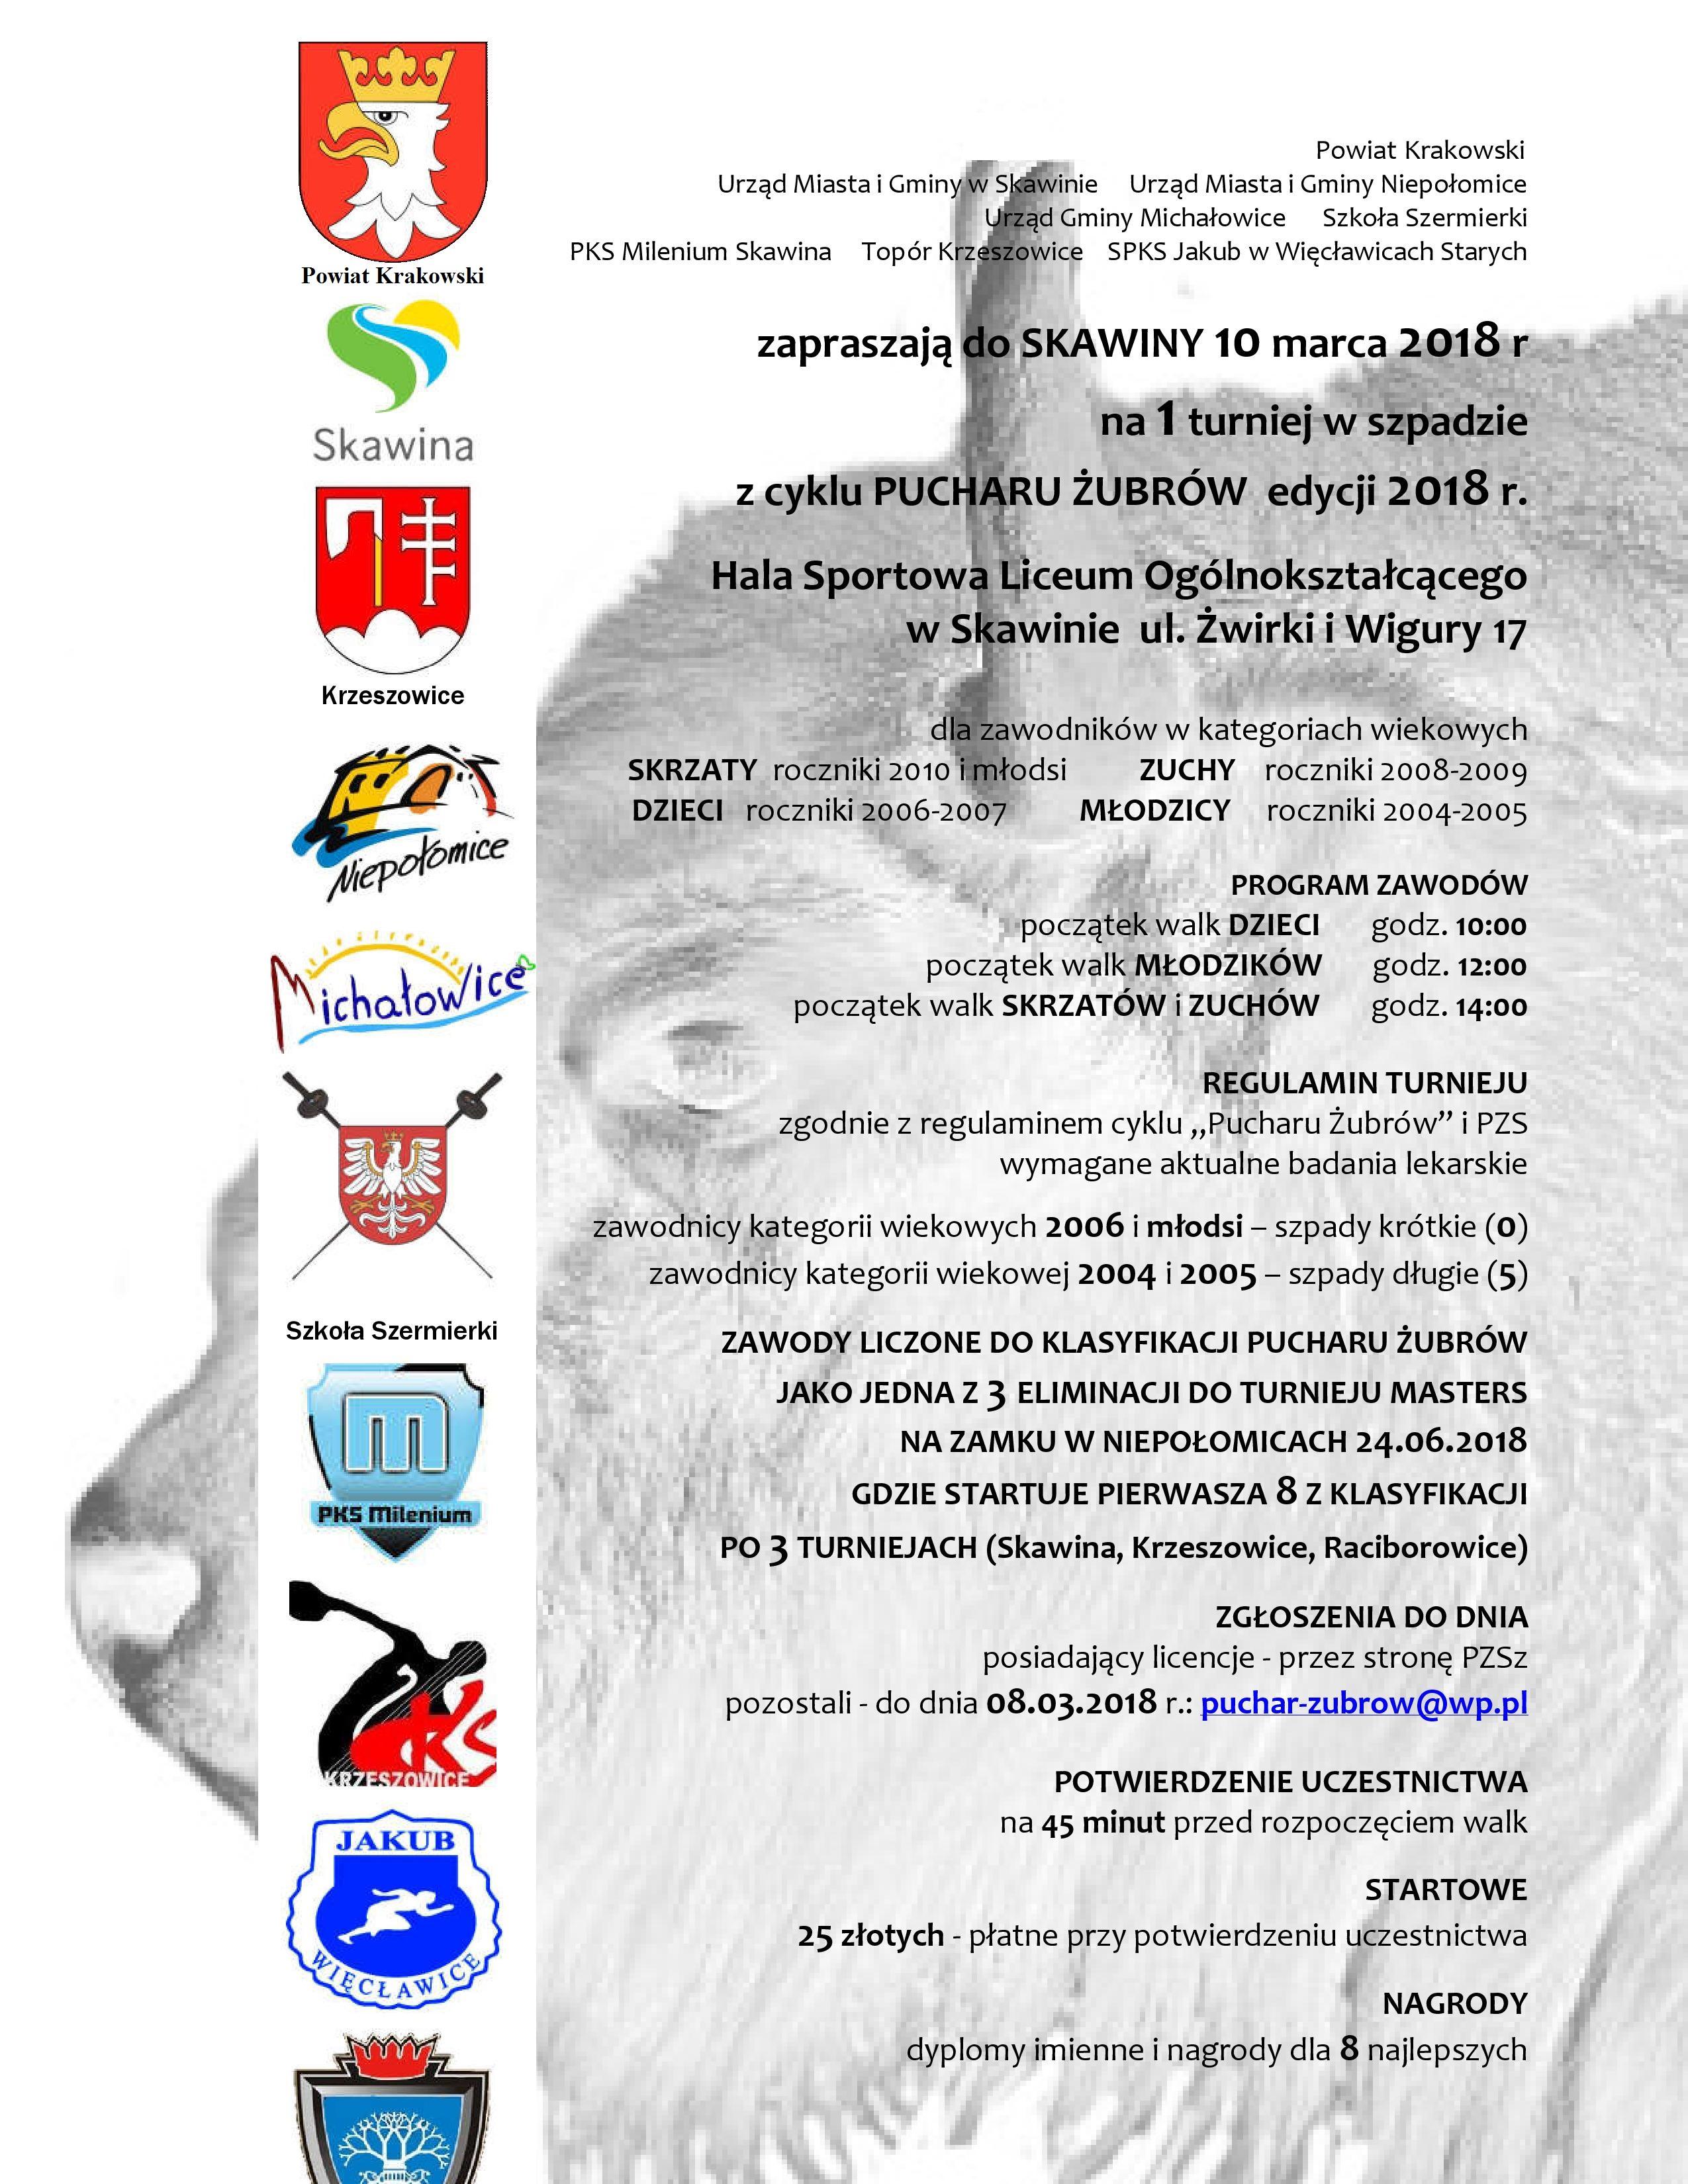 Puchar Żubrów - 1 turniej w szpadzie @ Hala Sportowa Liceum Ogólnokształcącego | Skawina | małopolskie | Polska